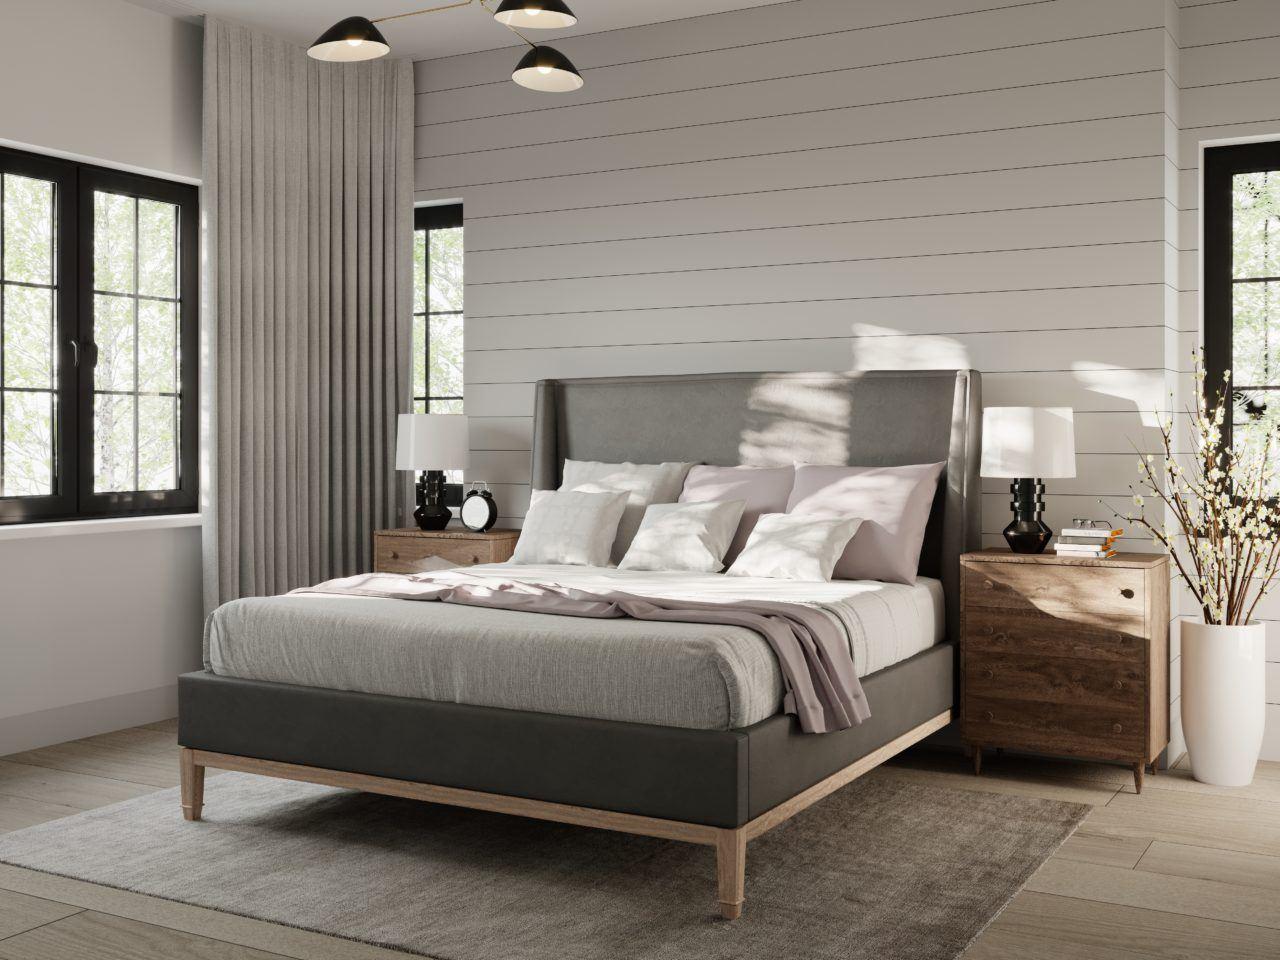 CypressSecond_Bedroom